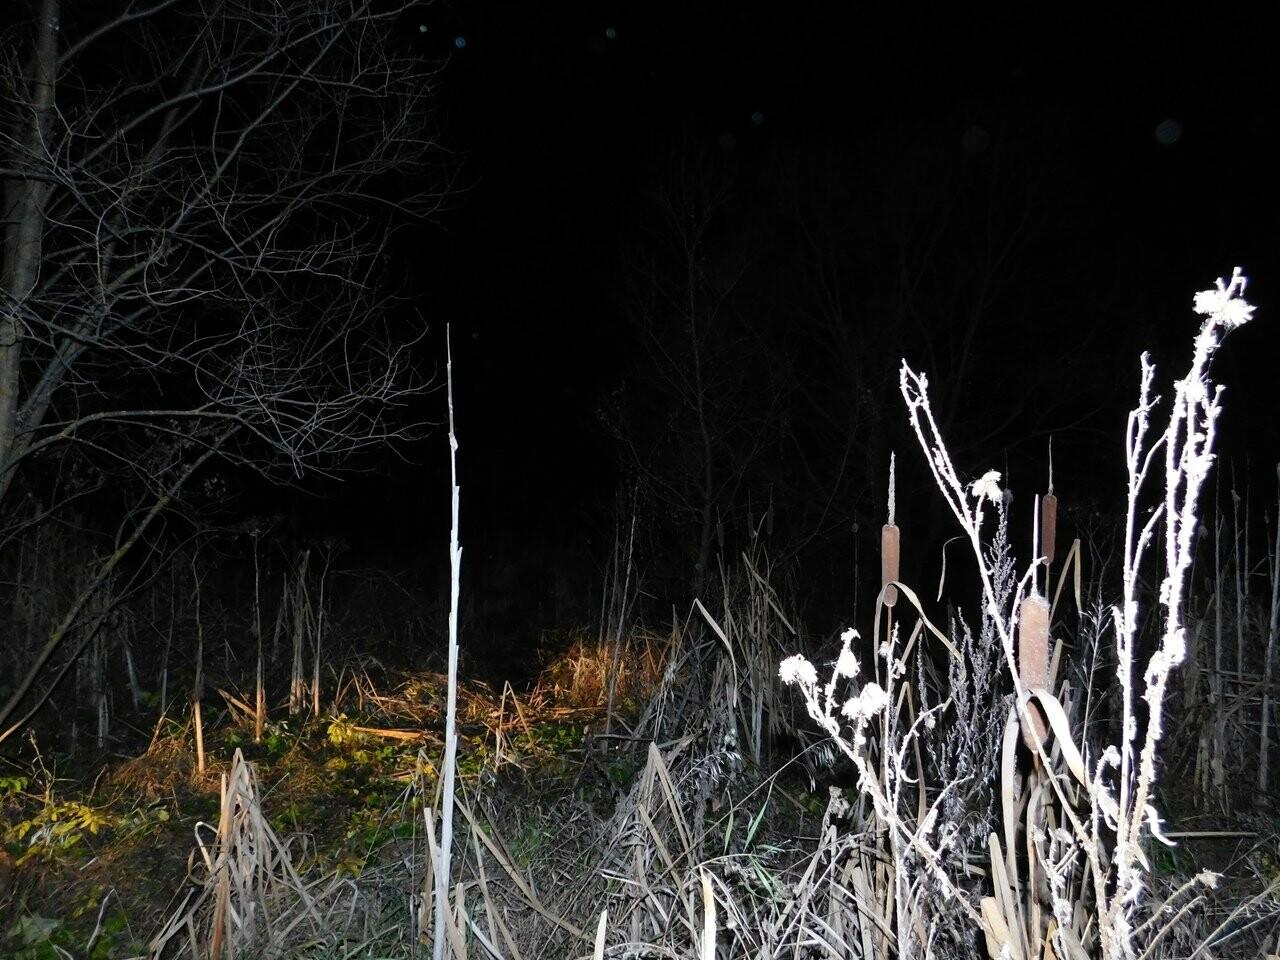 В Тамбовской области нашли тело без вести пропавшего 15-летнего подростка, фото-1